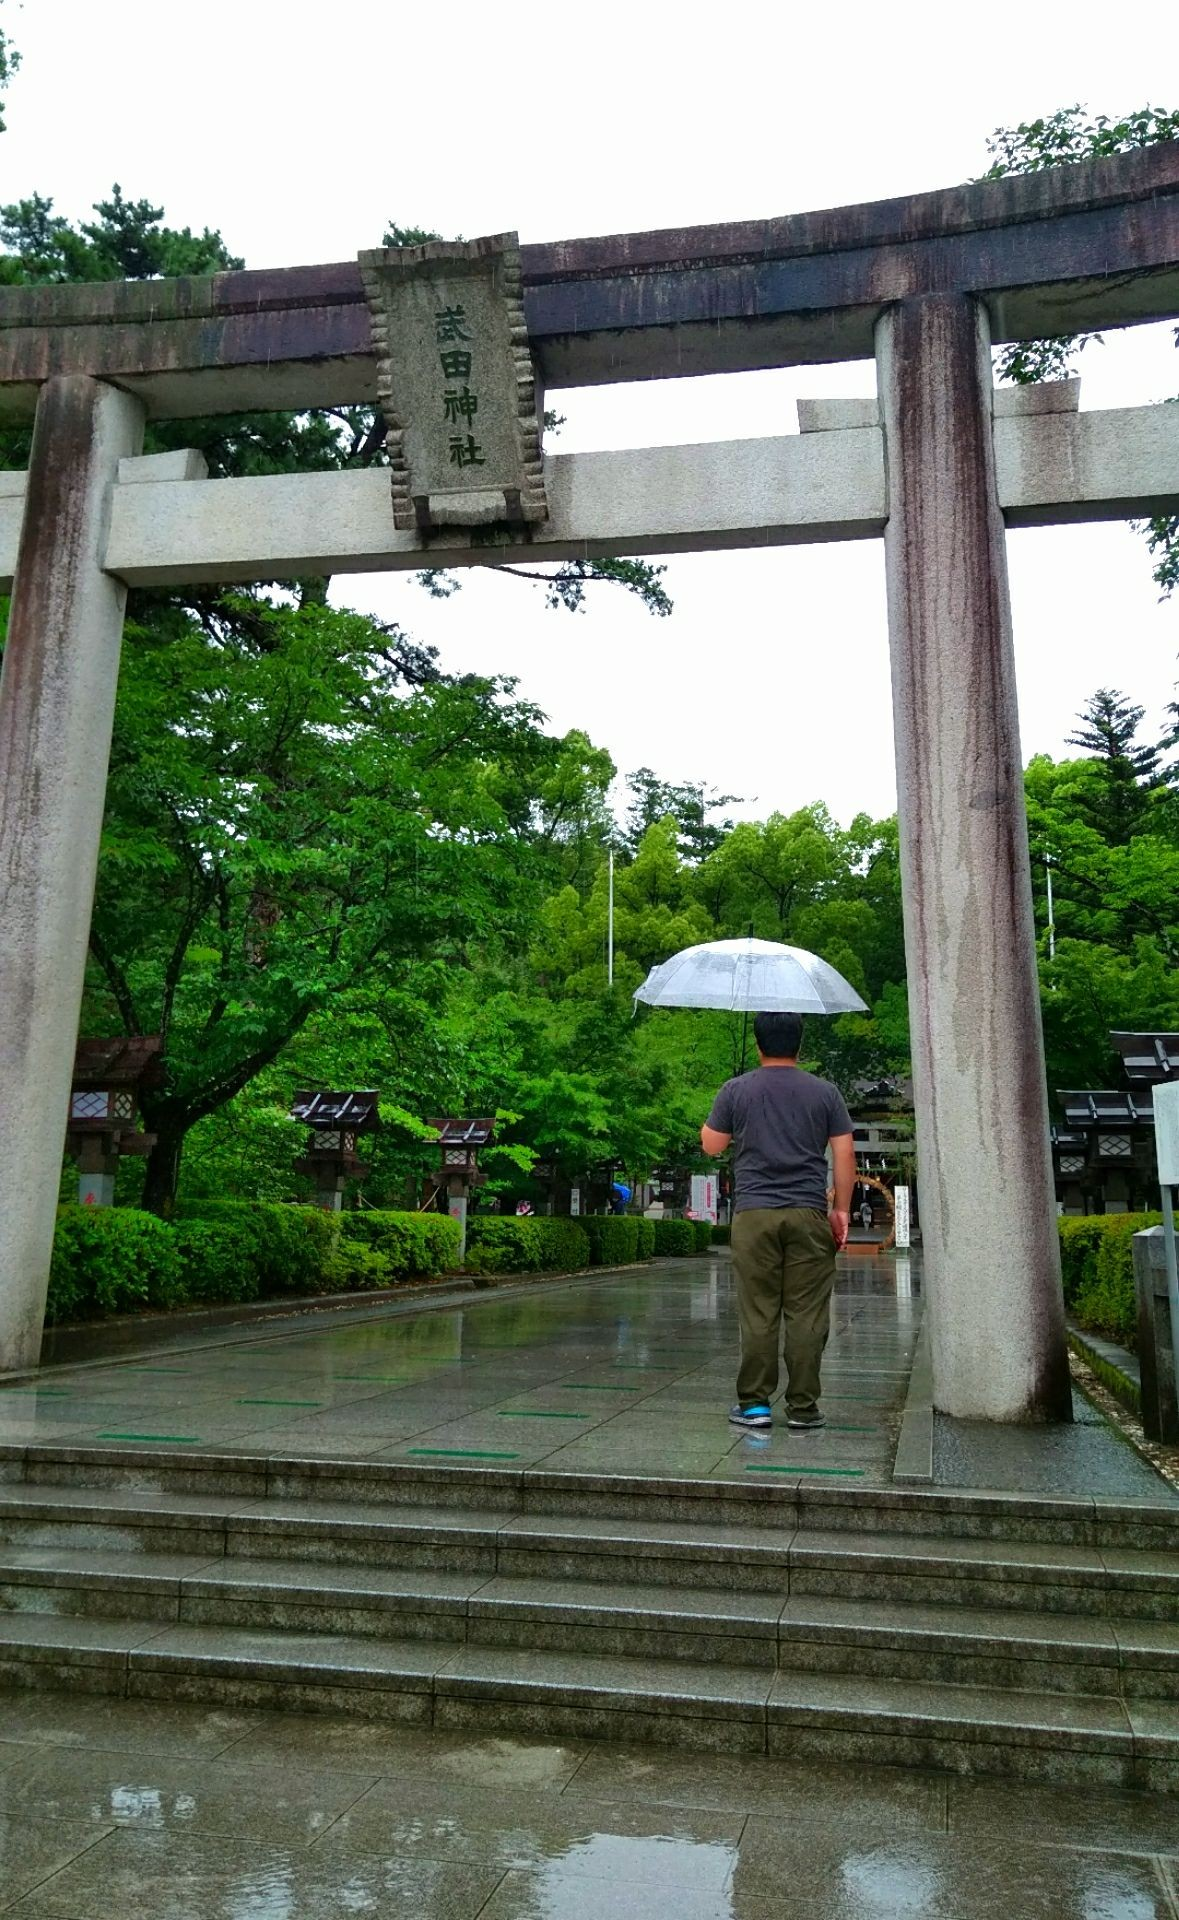 雨の土曜日 甲府散策